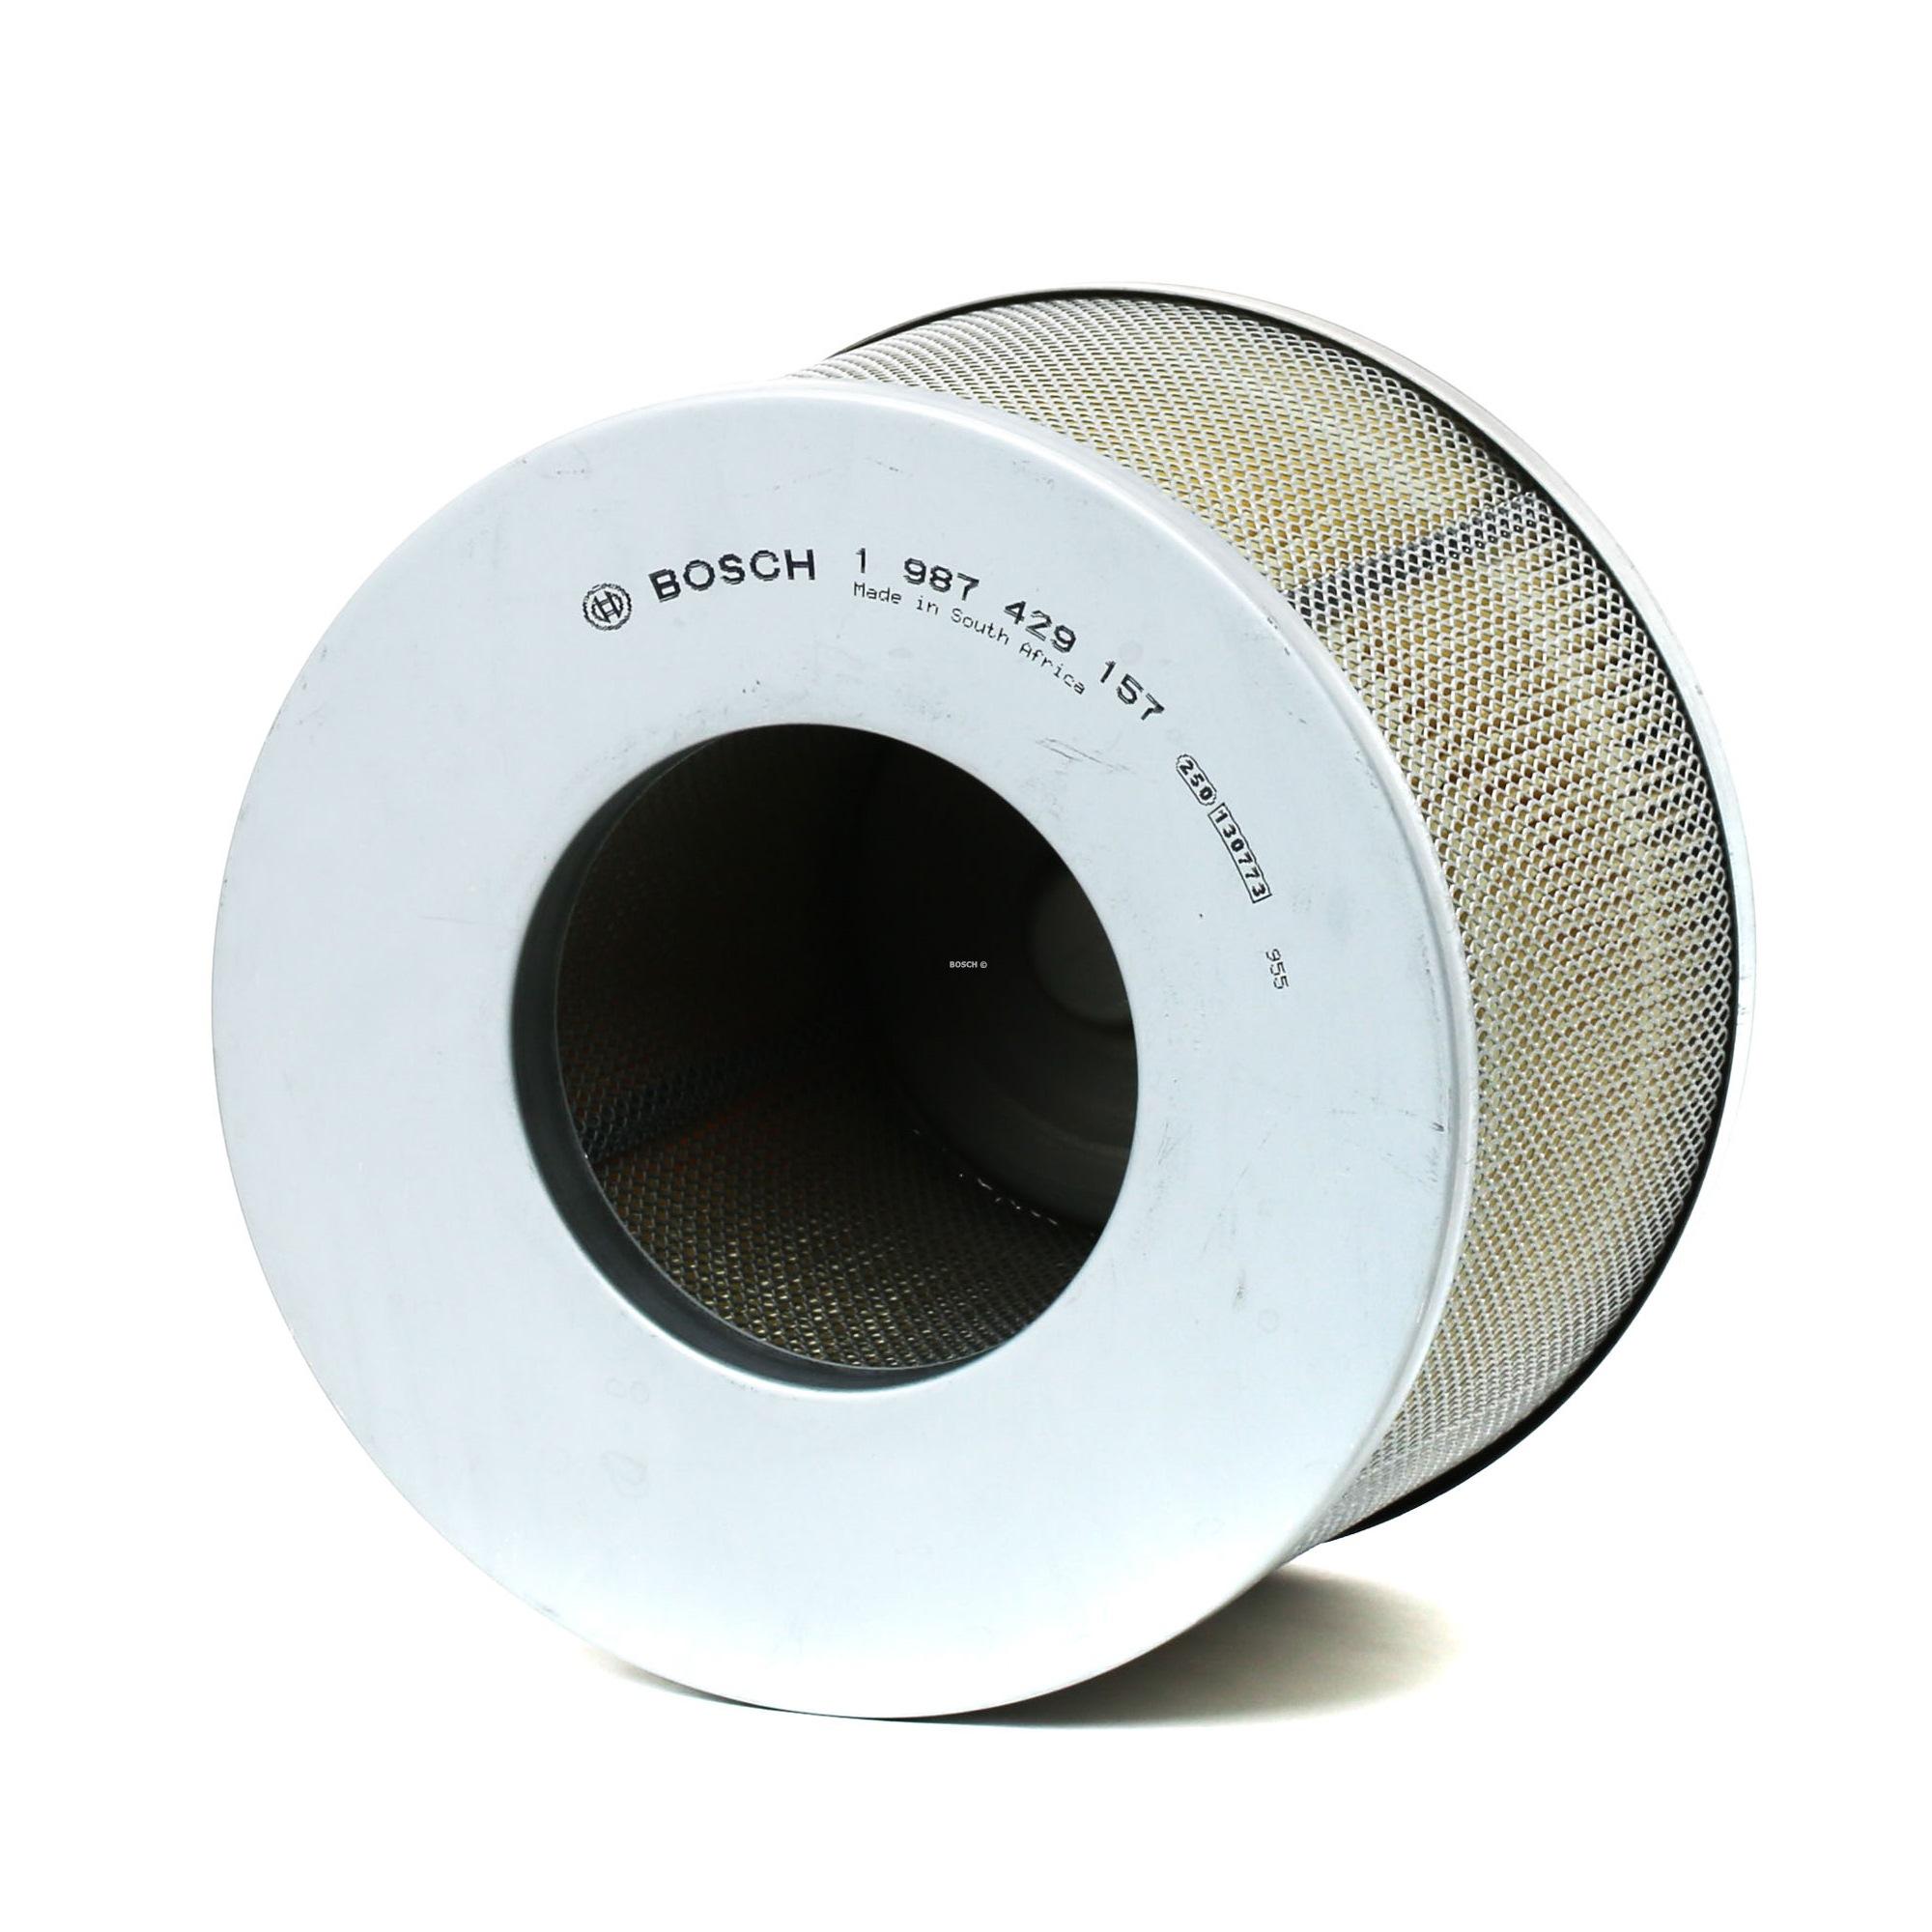 Zracni filter 1 987 429 157 z izjemnim razmerjem med BOSCH ceno in zmogljivostjo